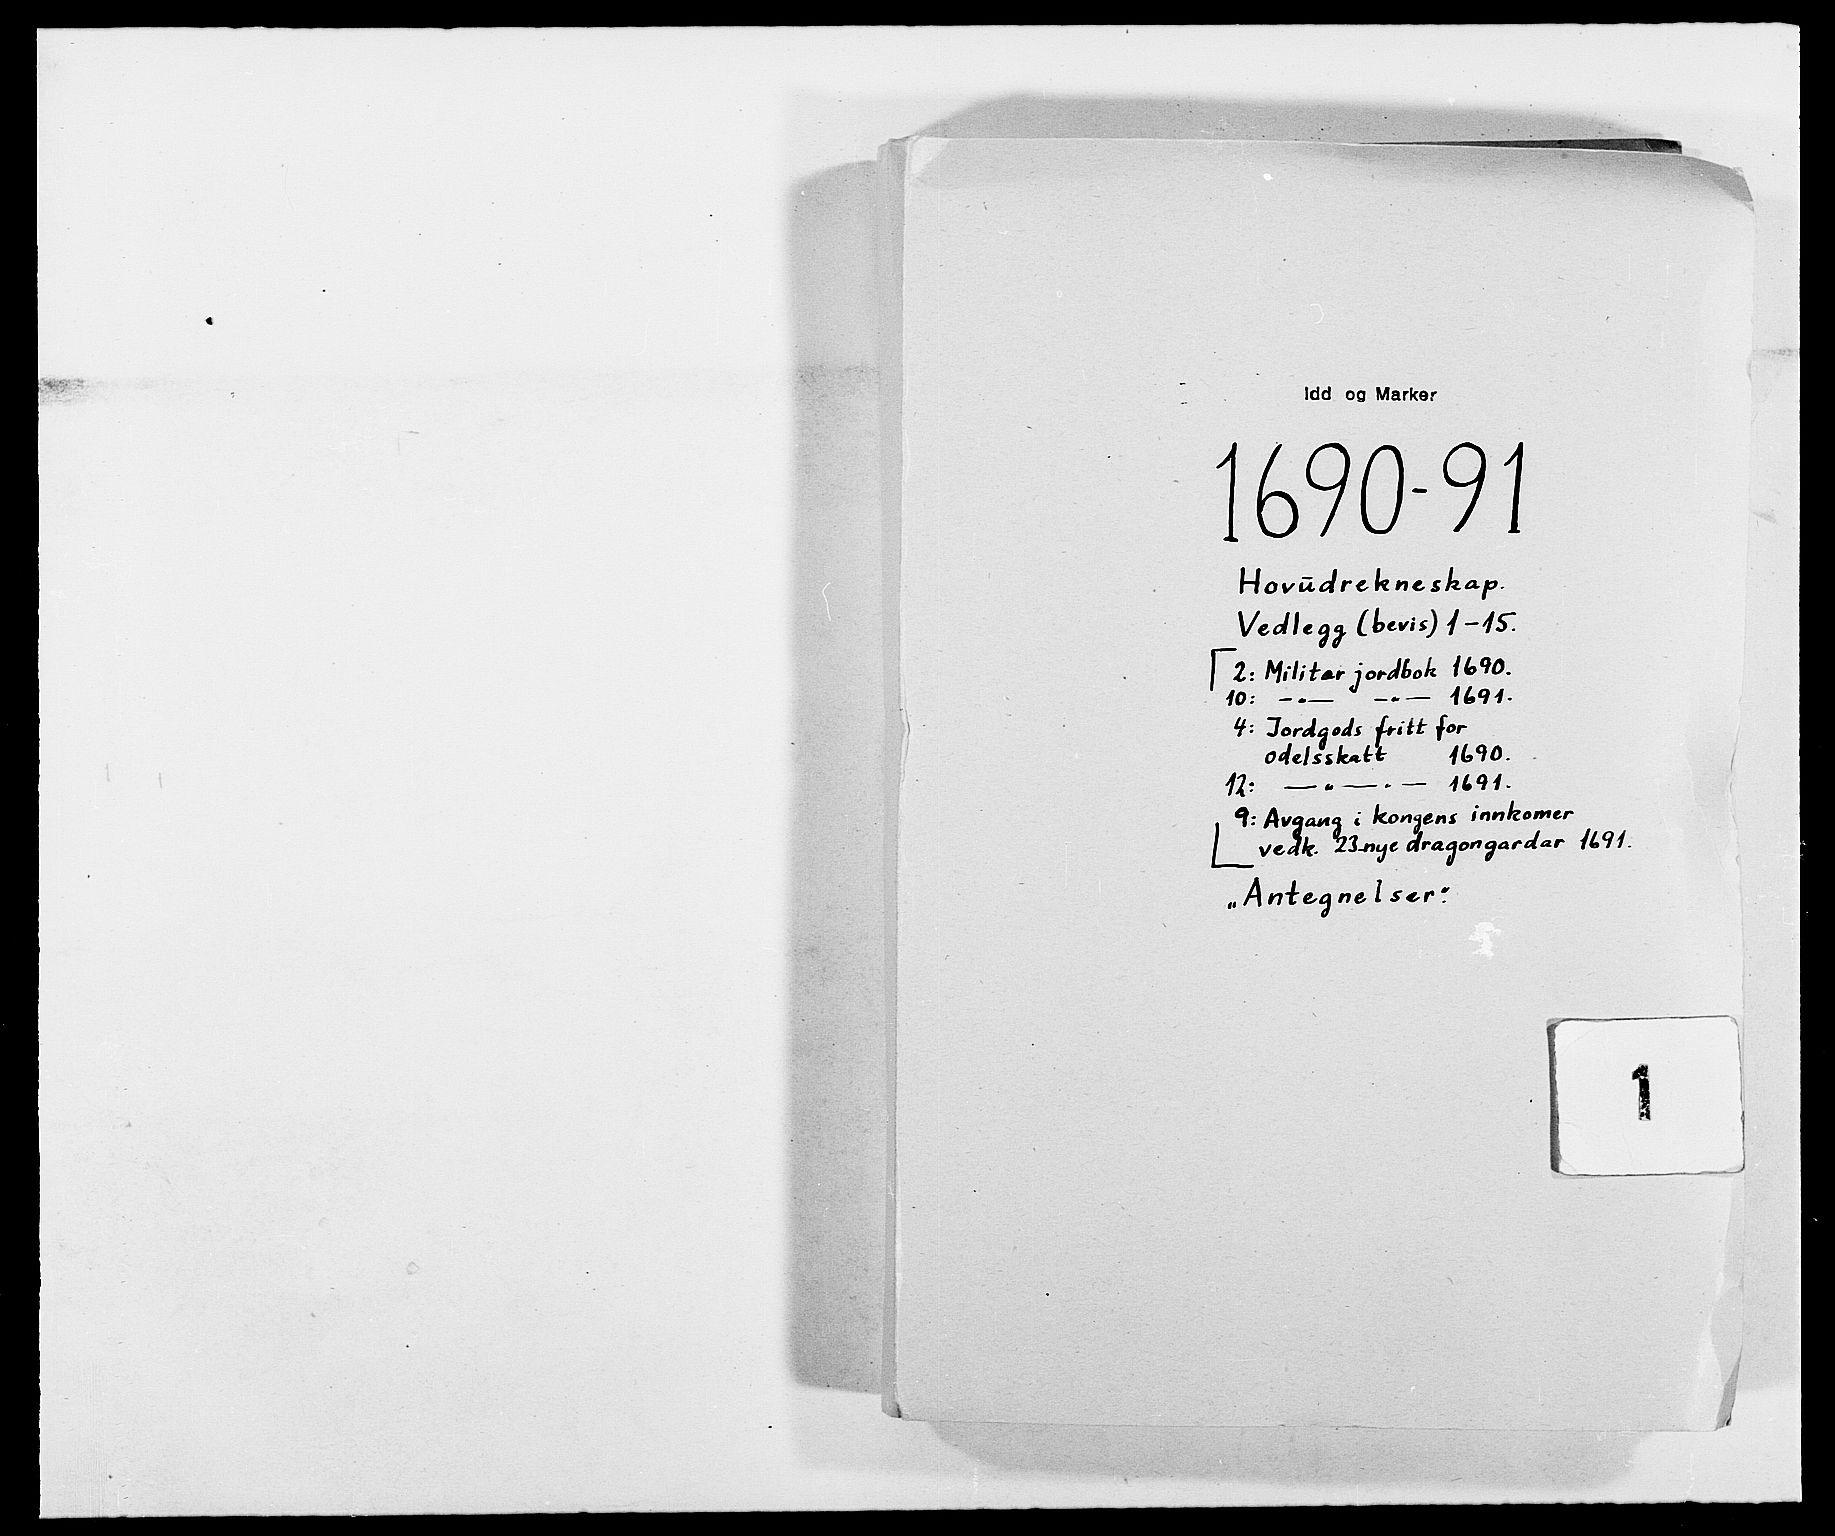 RA, Rentekammeret inntil 1814, Reviderte regnskaper, Fogderegnskap, R01/L0010: Fogderegnskap Idd og Marker, 1690-1691, s. 1